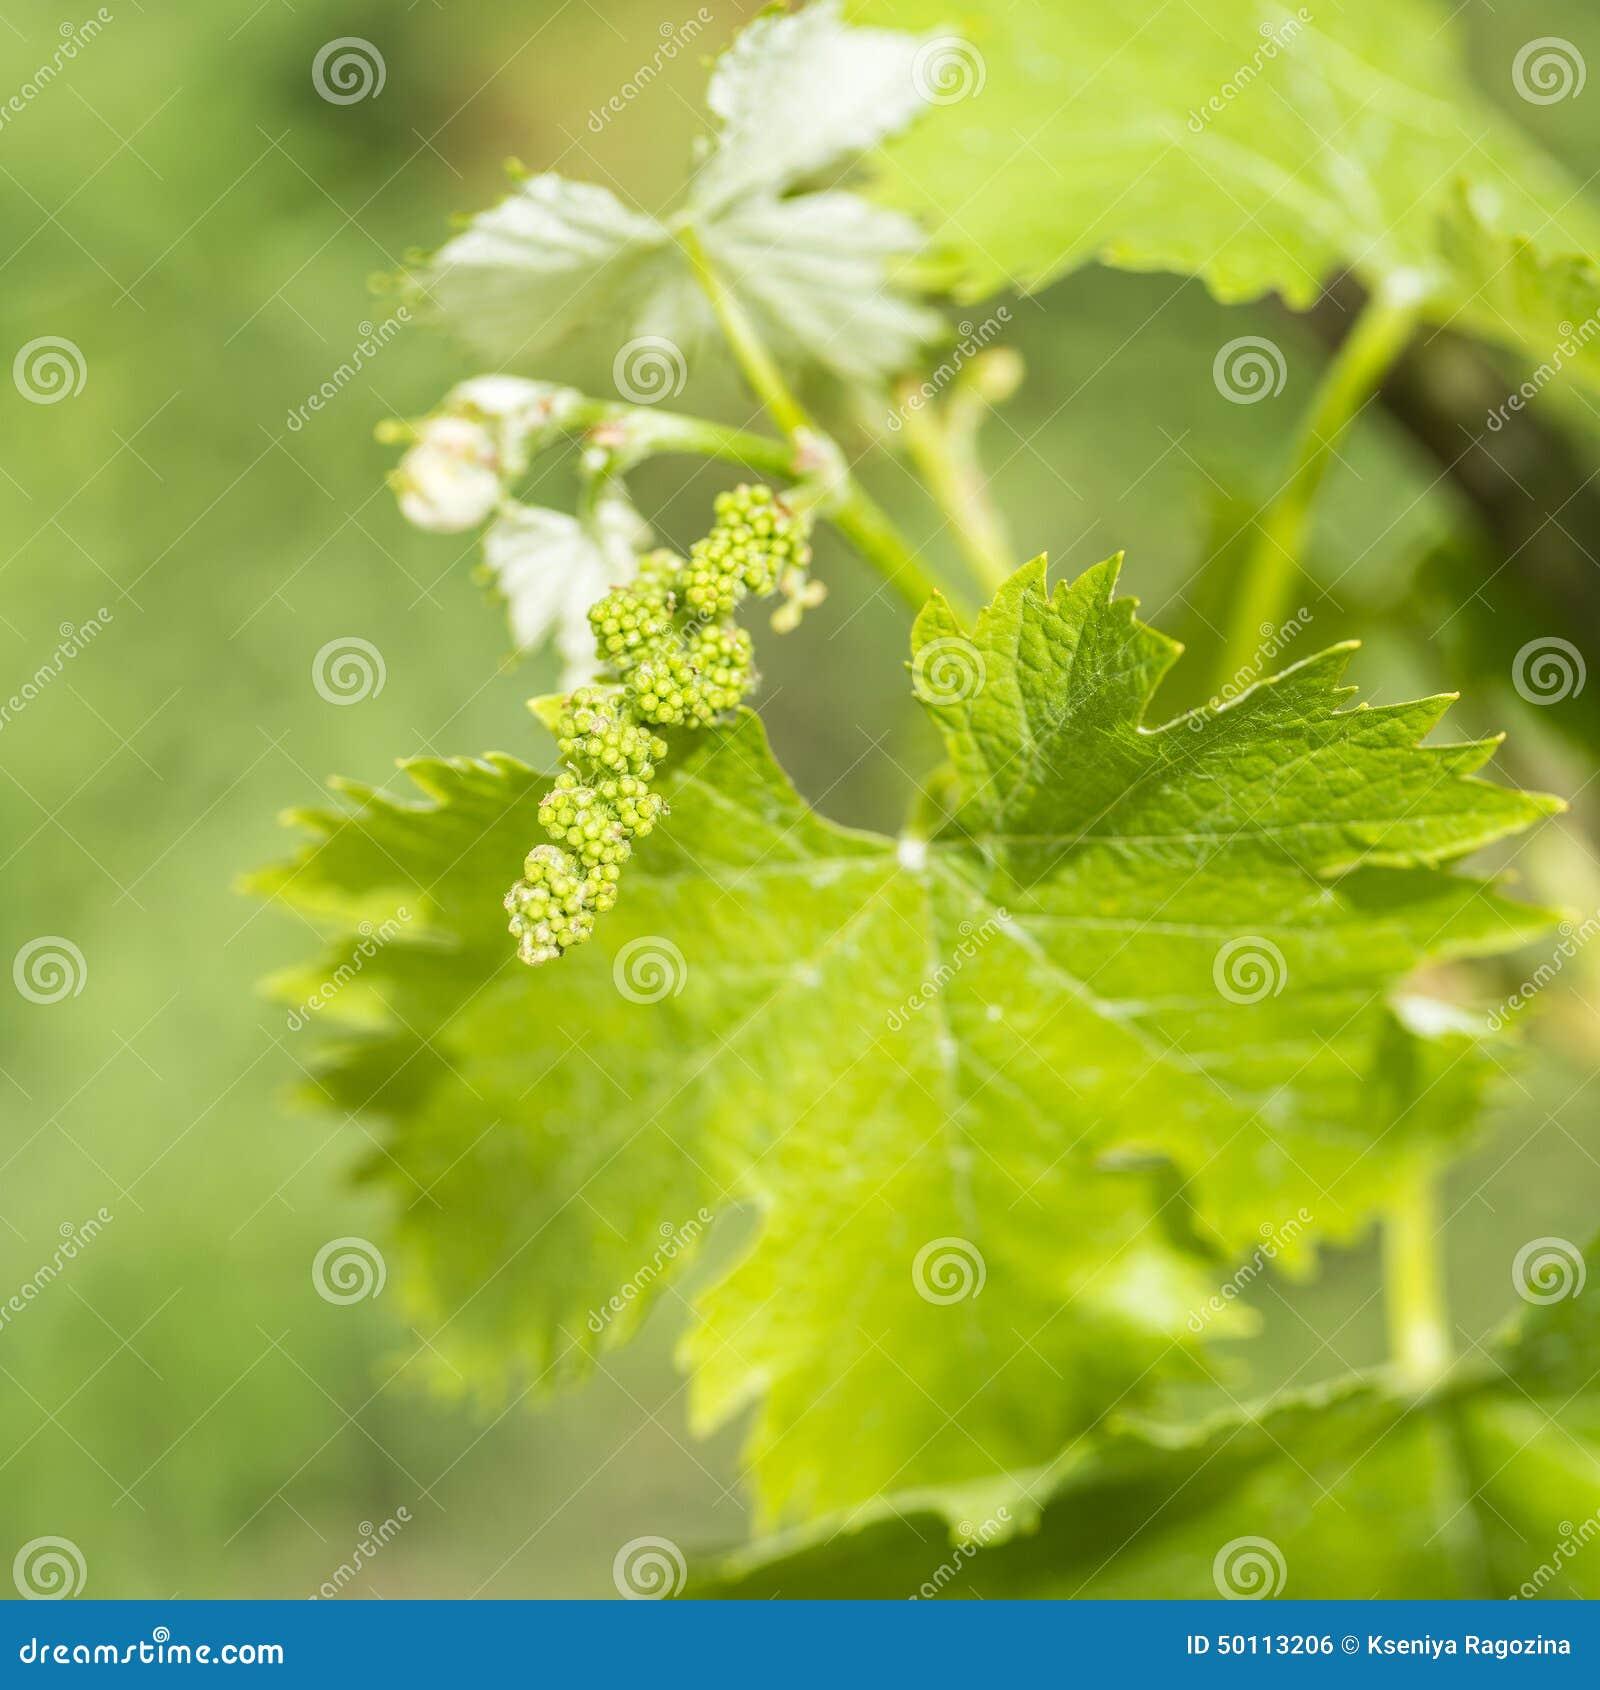 Transformation De Fleur De Vigne Dans Une Baie De Raisin Photo Stock